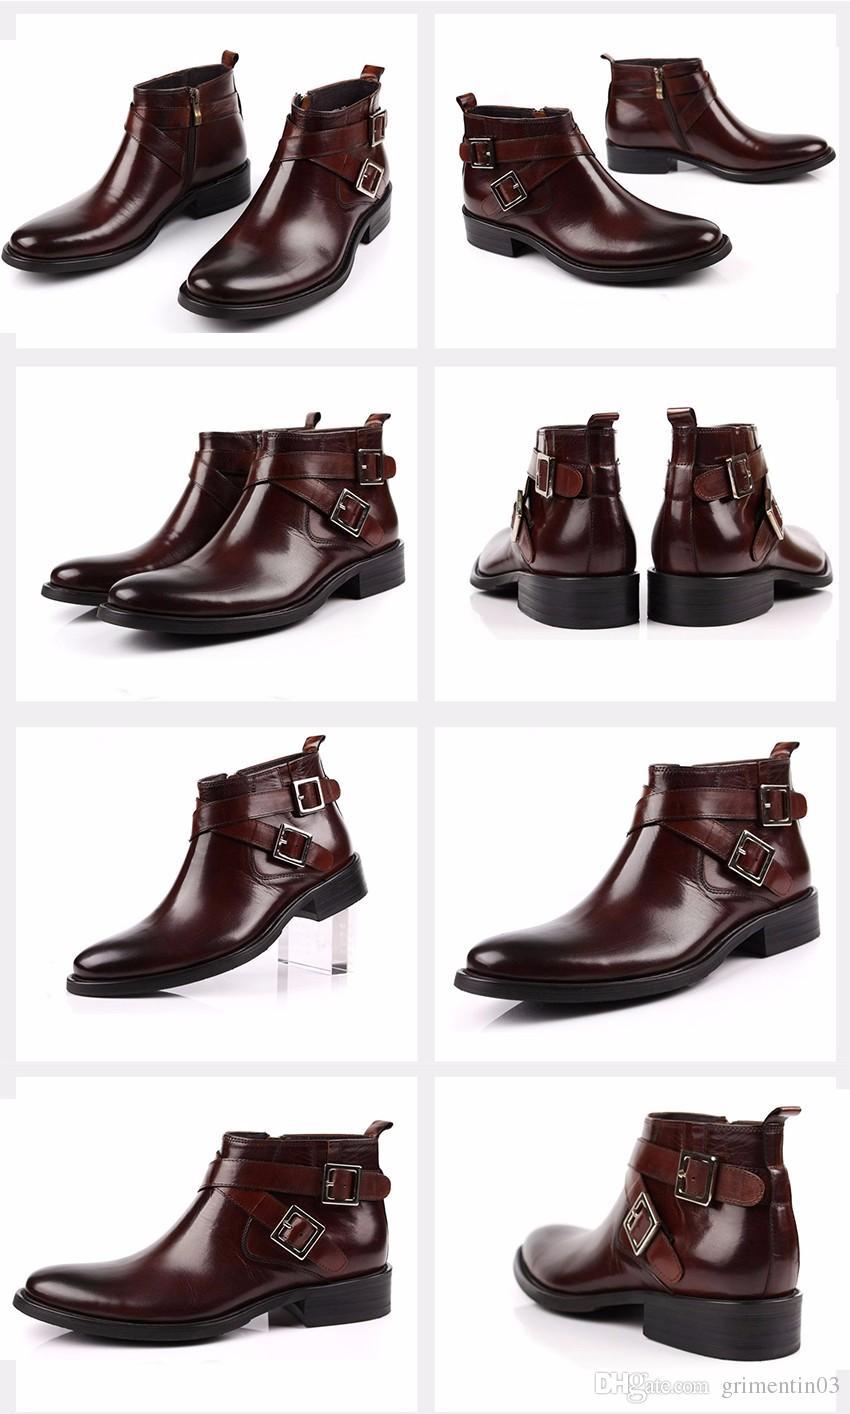 GRIMENTIN Heißer Verkauf Marke Herren Stiefel aus echtem Leder Doppel Schnalle schwarz braun Männer Stiefeletten für italienische Mode Männer Kleid Schuhe Größe: 38-46